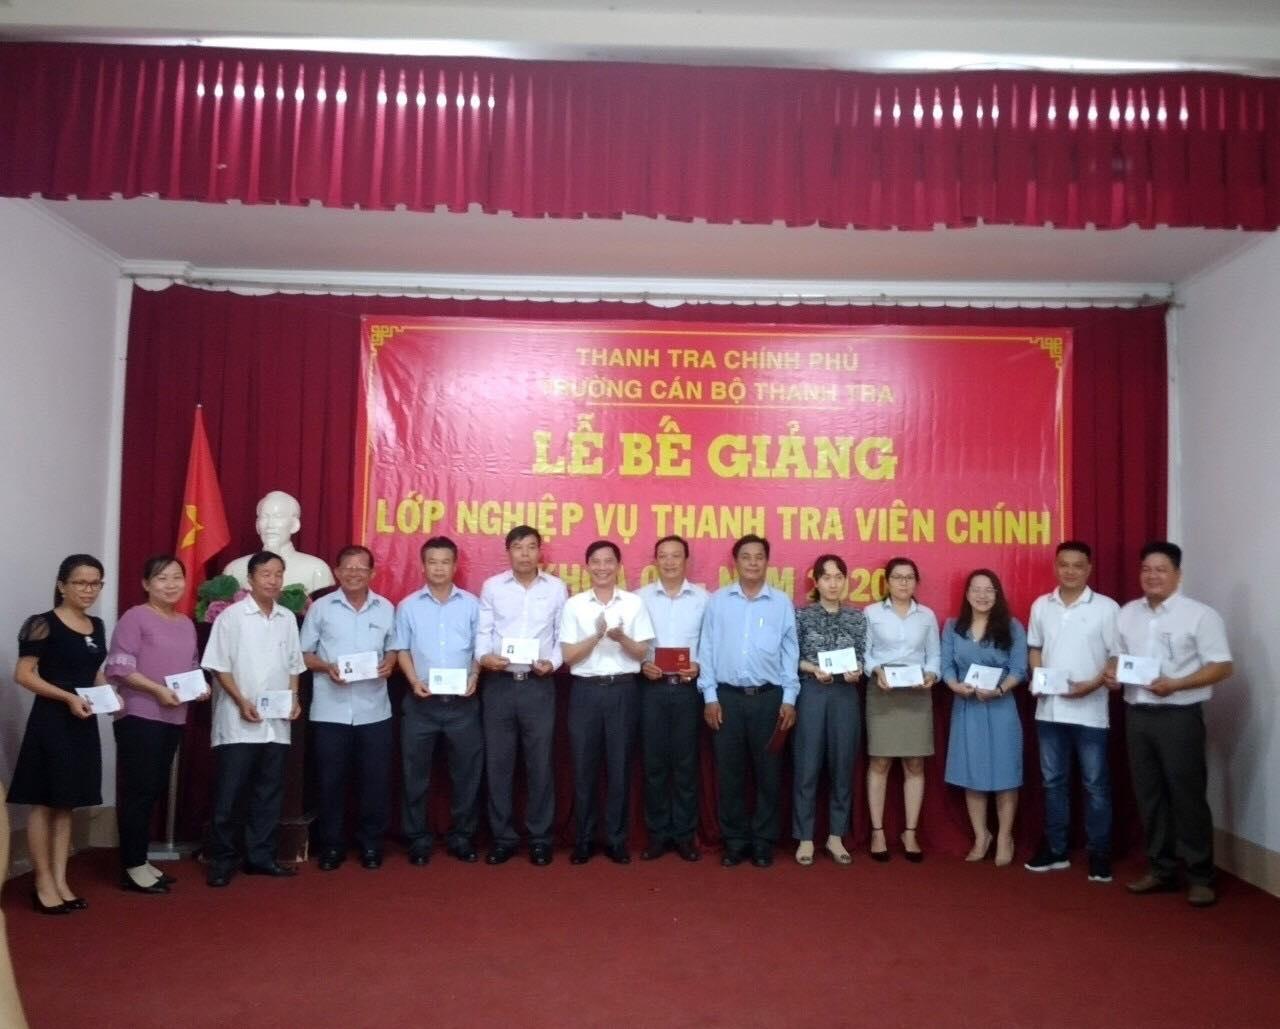 Ông Vũ Văn Chiến TTVCC Hiệu trưởng Trường CBTT trao chứng chỉ cho học viên